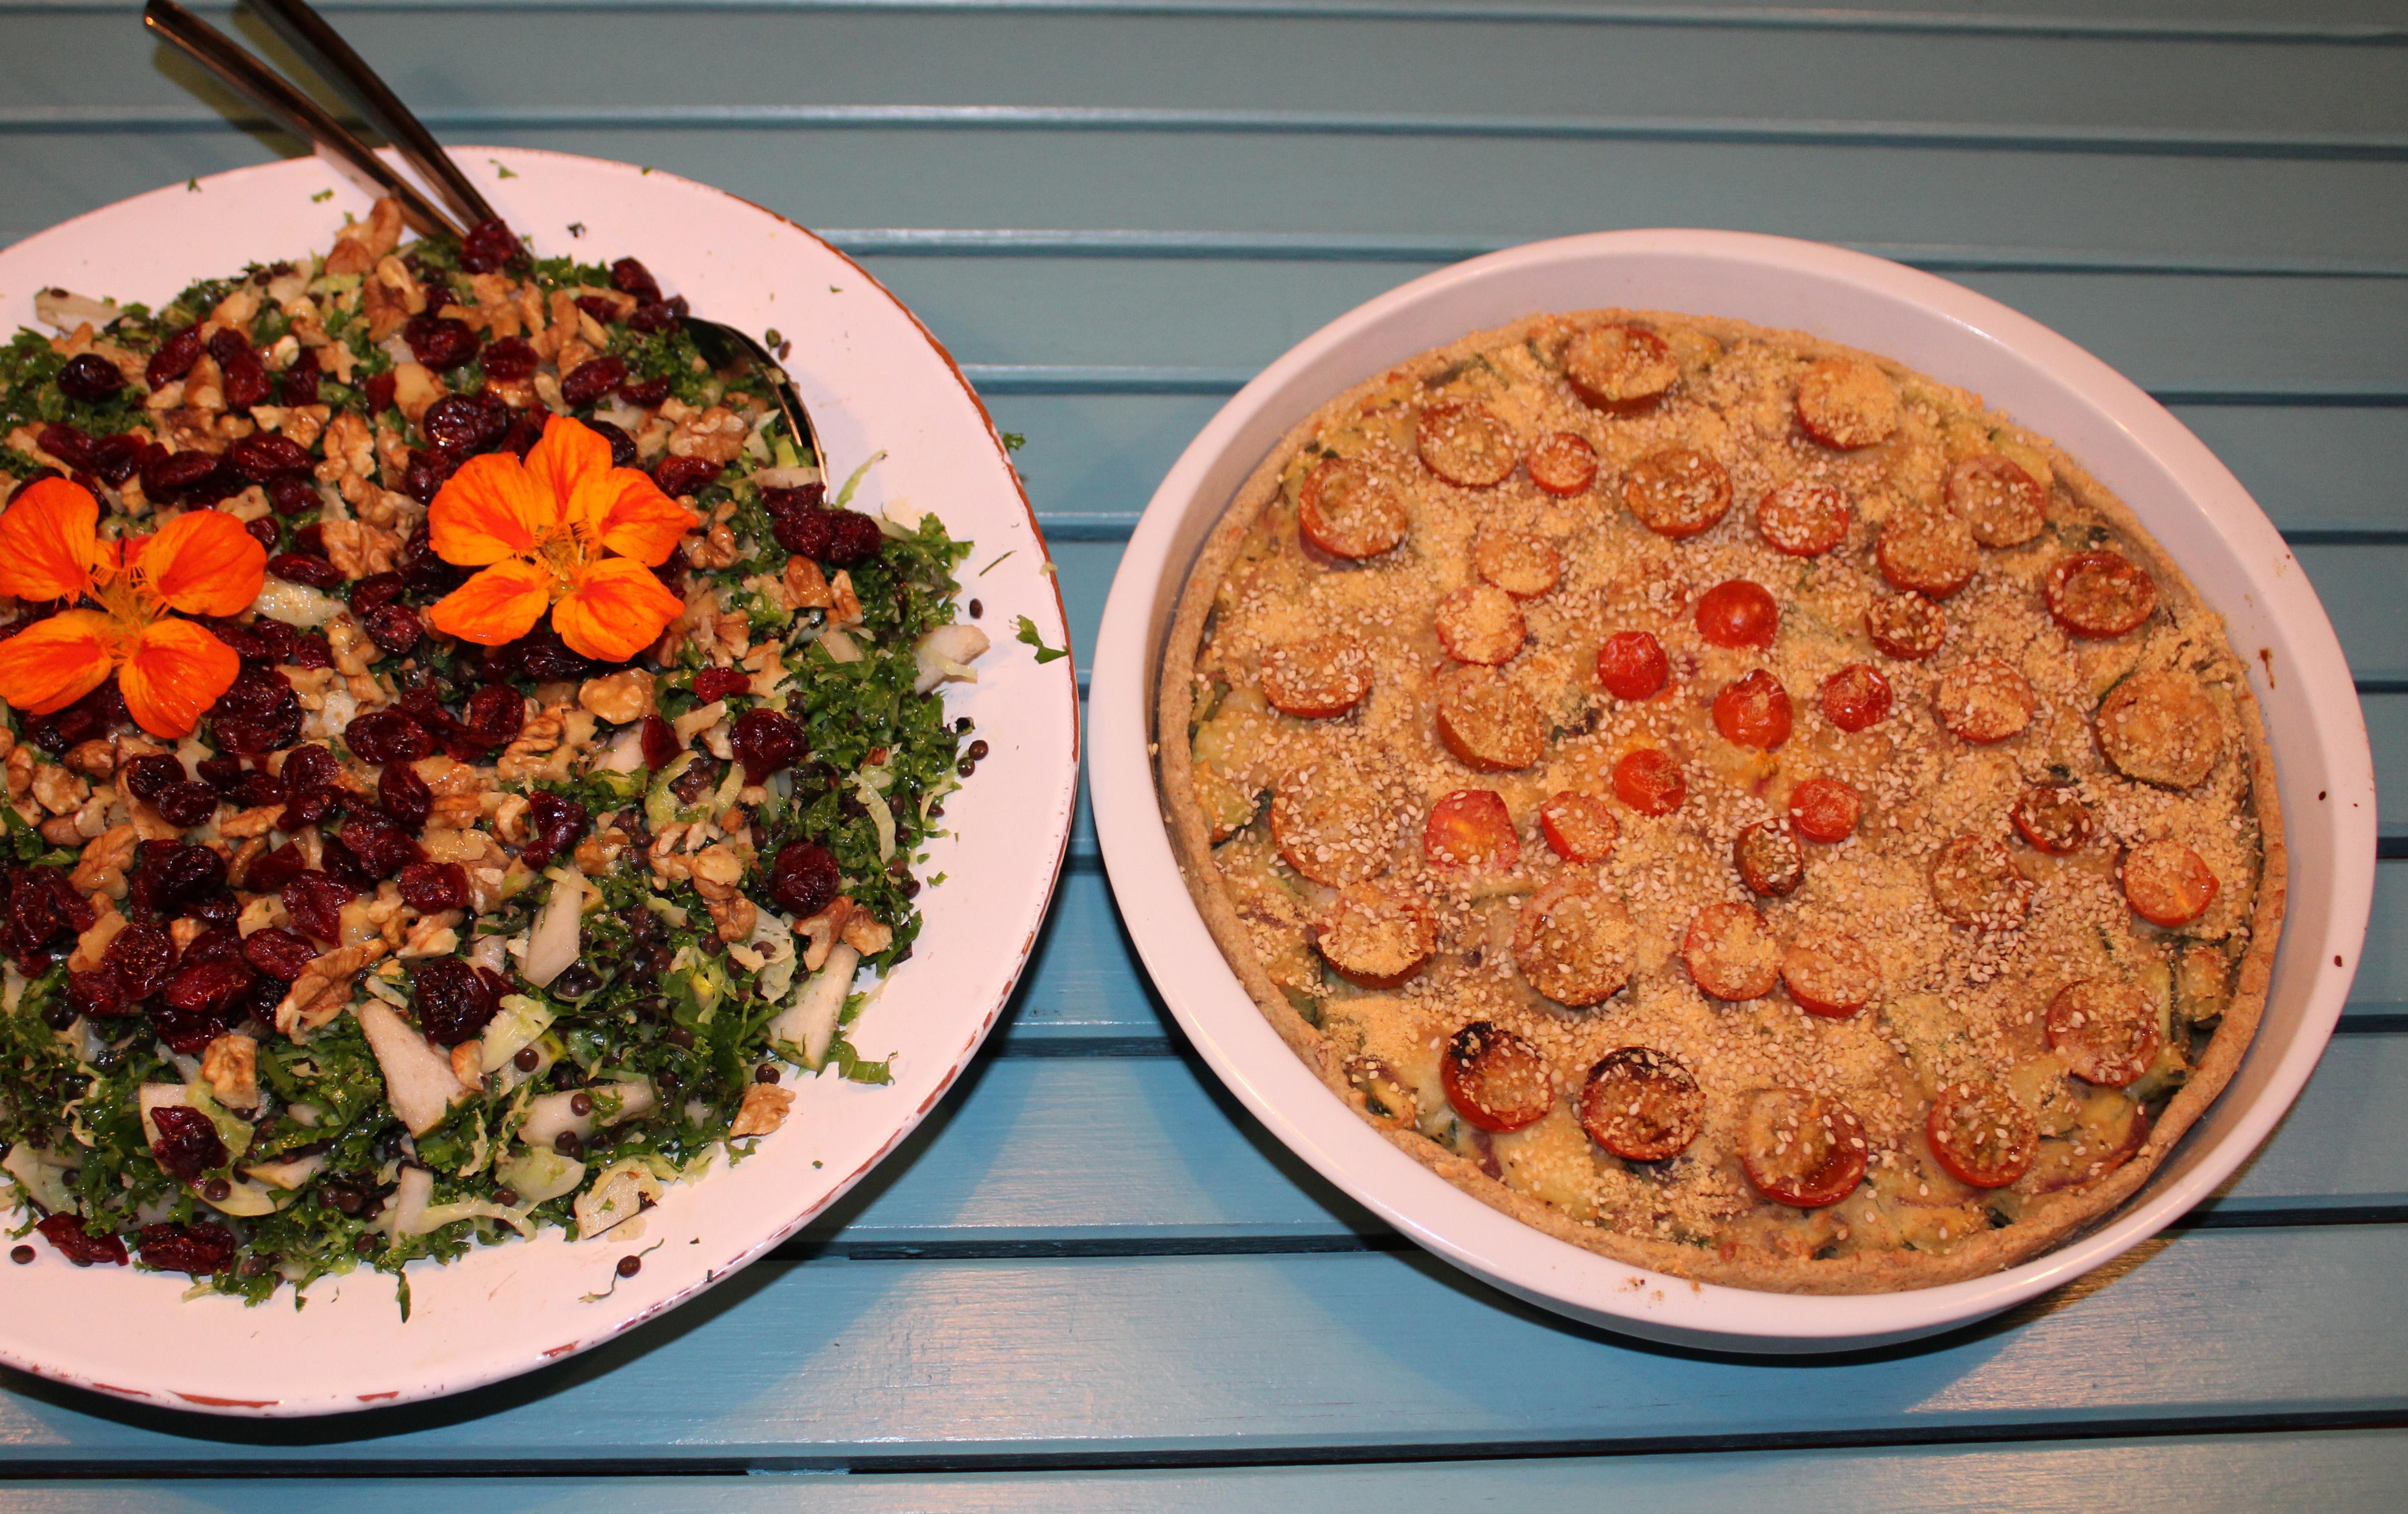 Squashtærte og en kålsalat